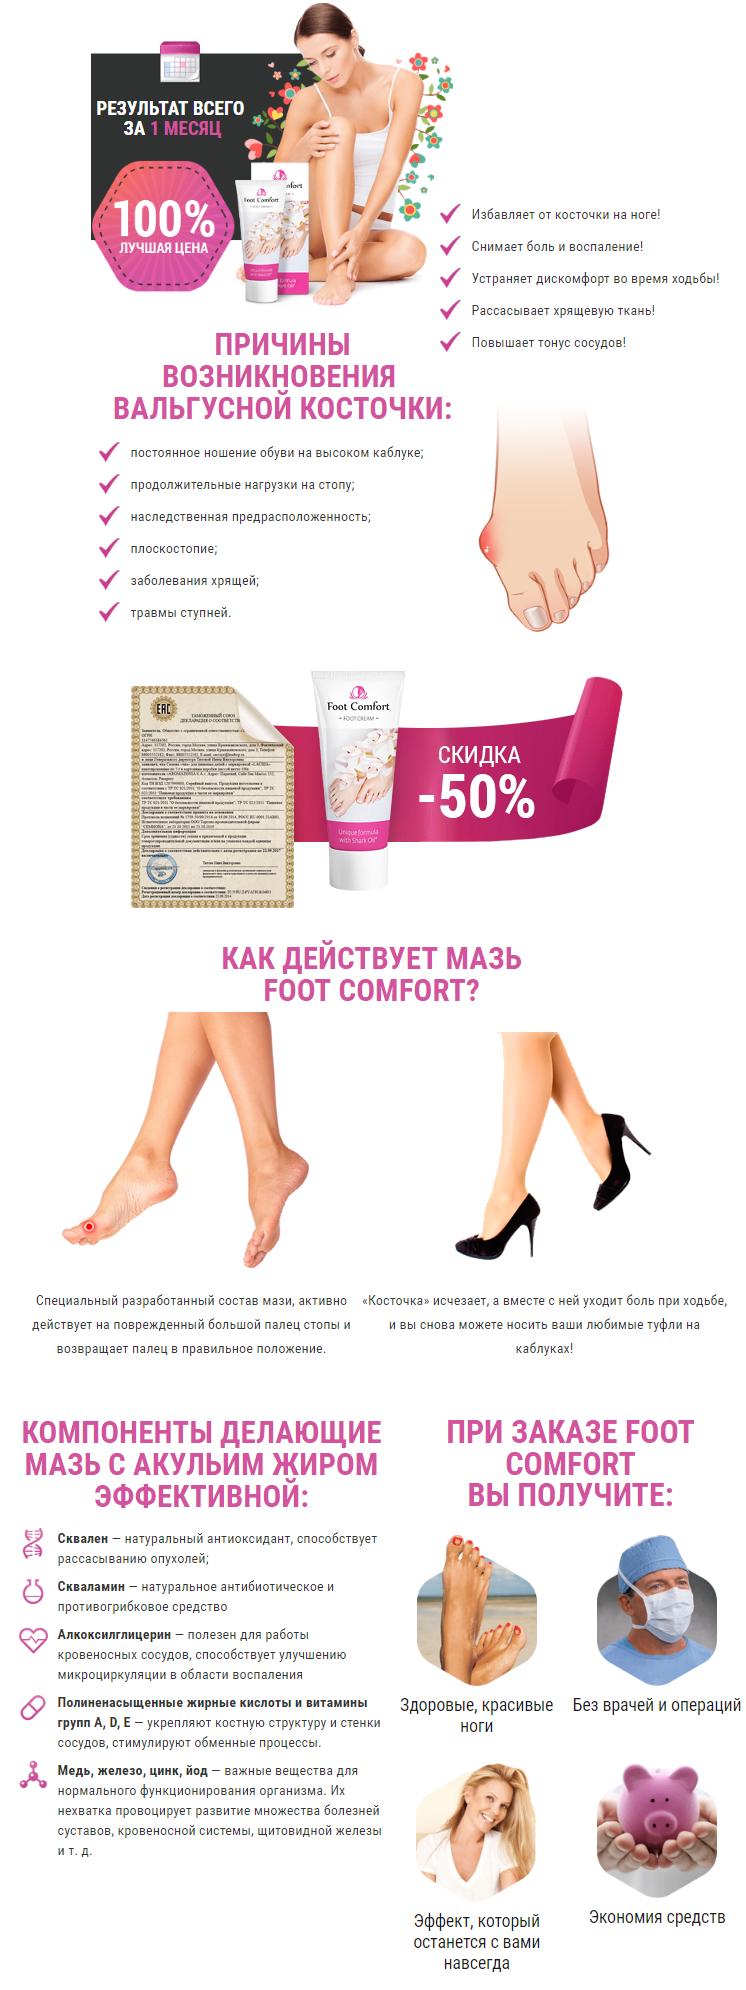 Фут Комфорт (Foot Comfort) мазь крем от косточки на ноге купить